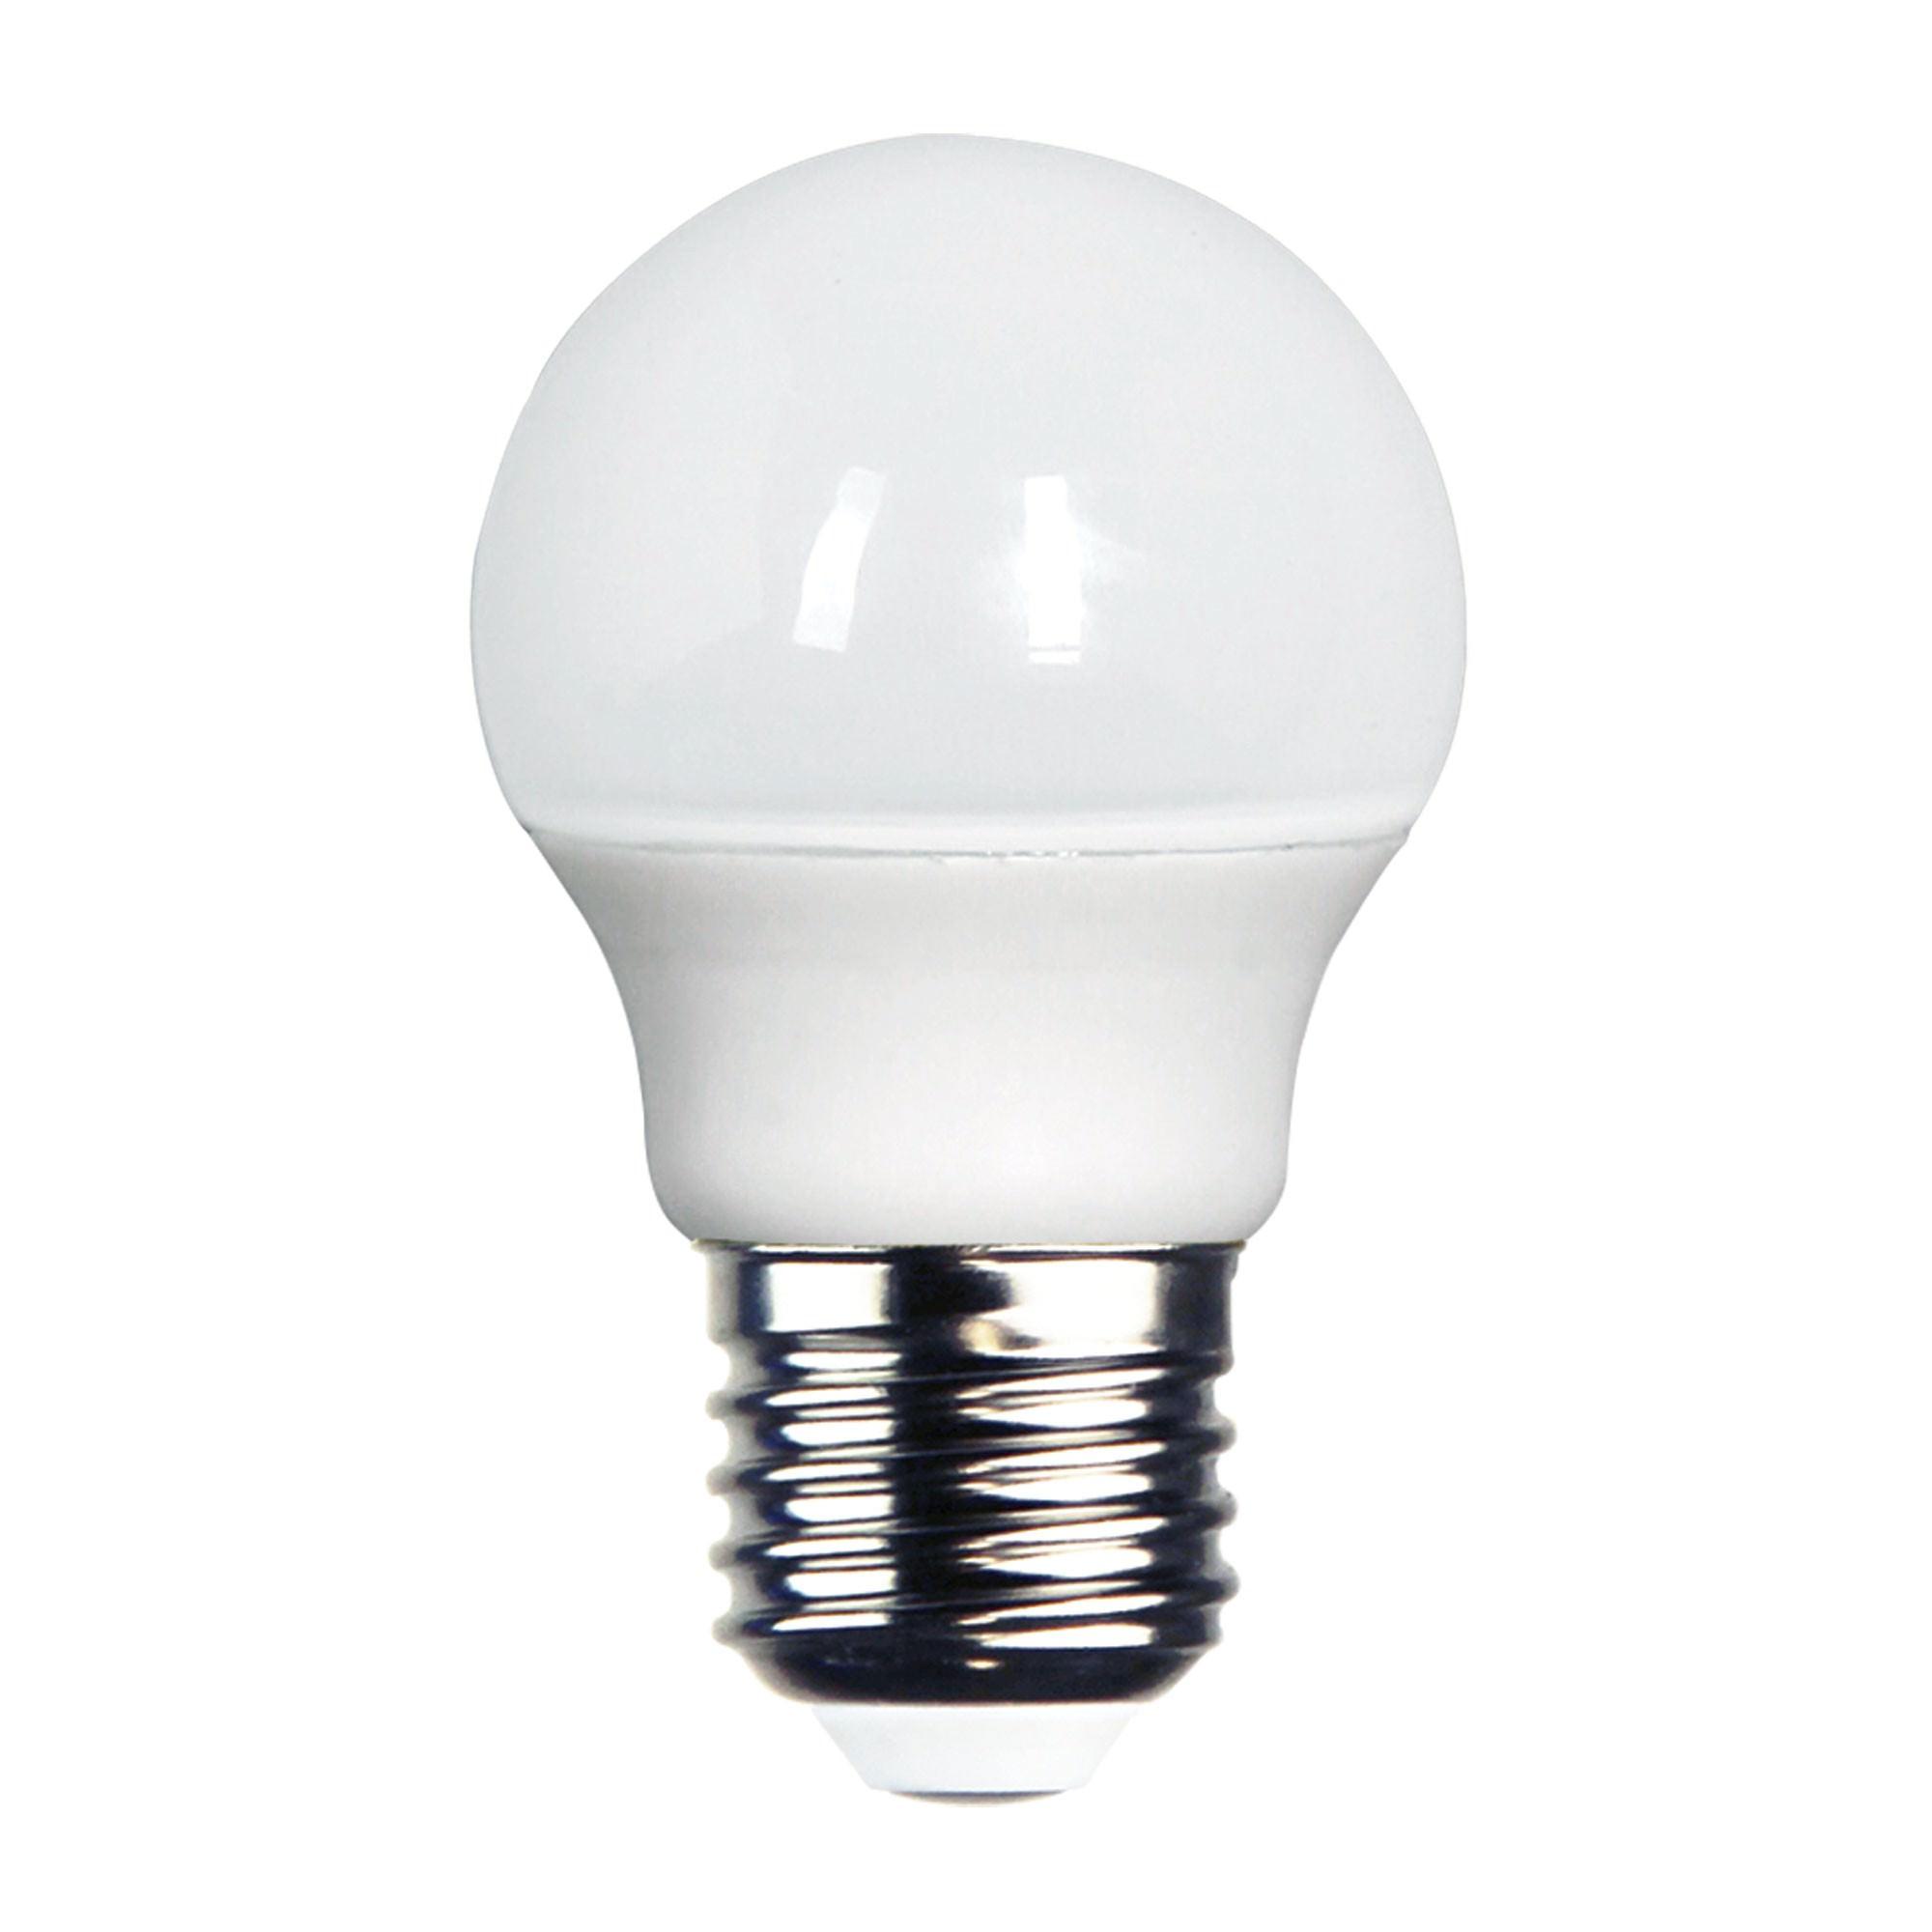 Allume LED Globe, E27, 3000K, Fancy Round Shape